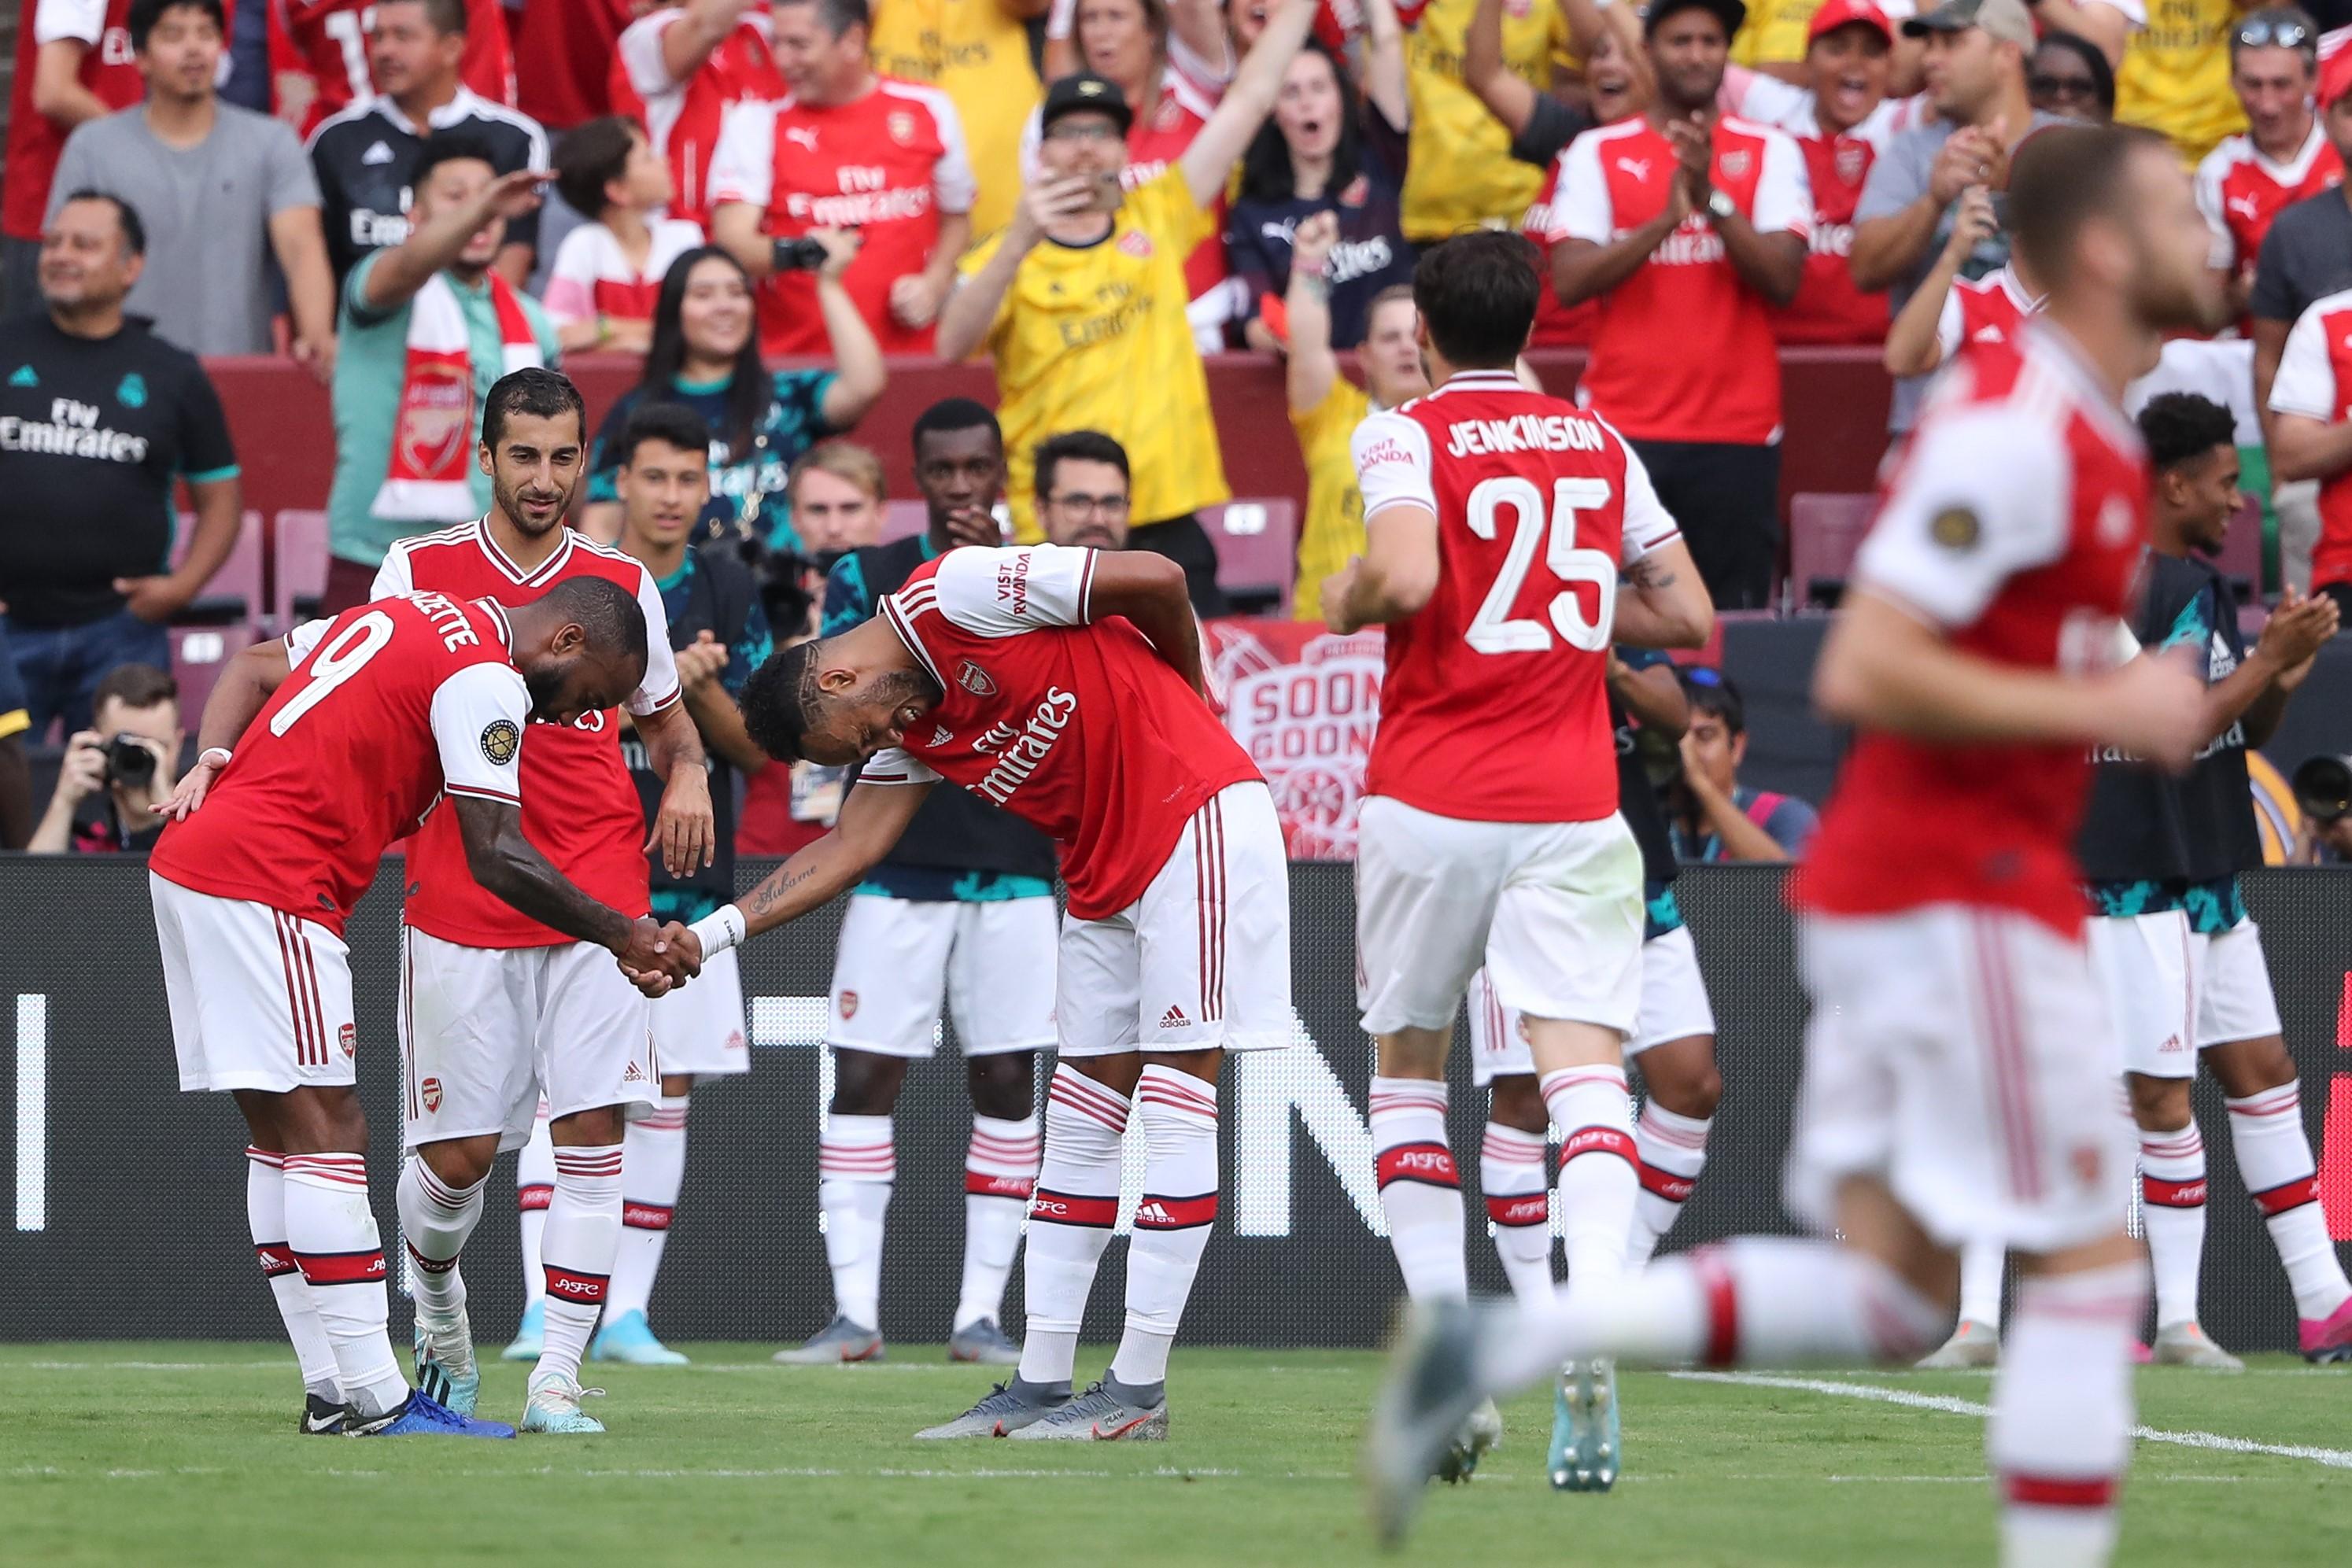 Pierre-Emerick Aubameyang, Arsenal'ın Real Madrid'le oynadığı hazırlık maçında attığı golü takım arkadaşlarıyla kutluyor.